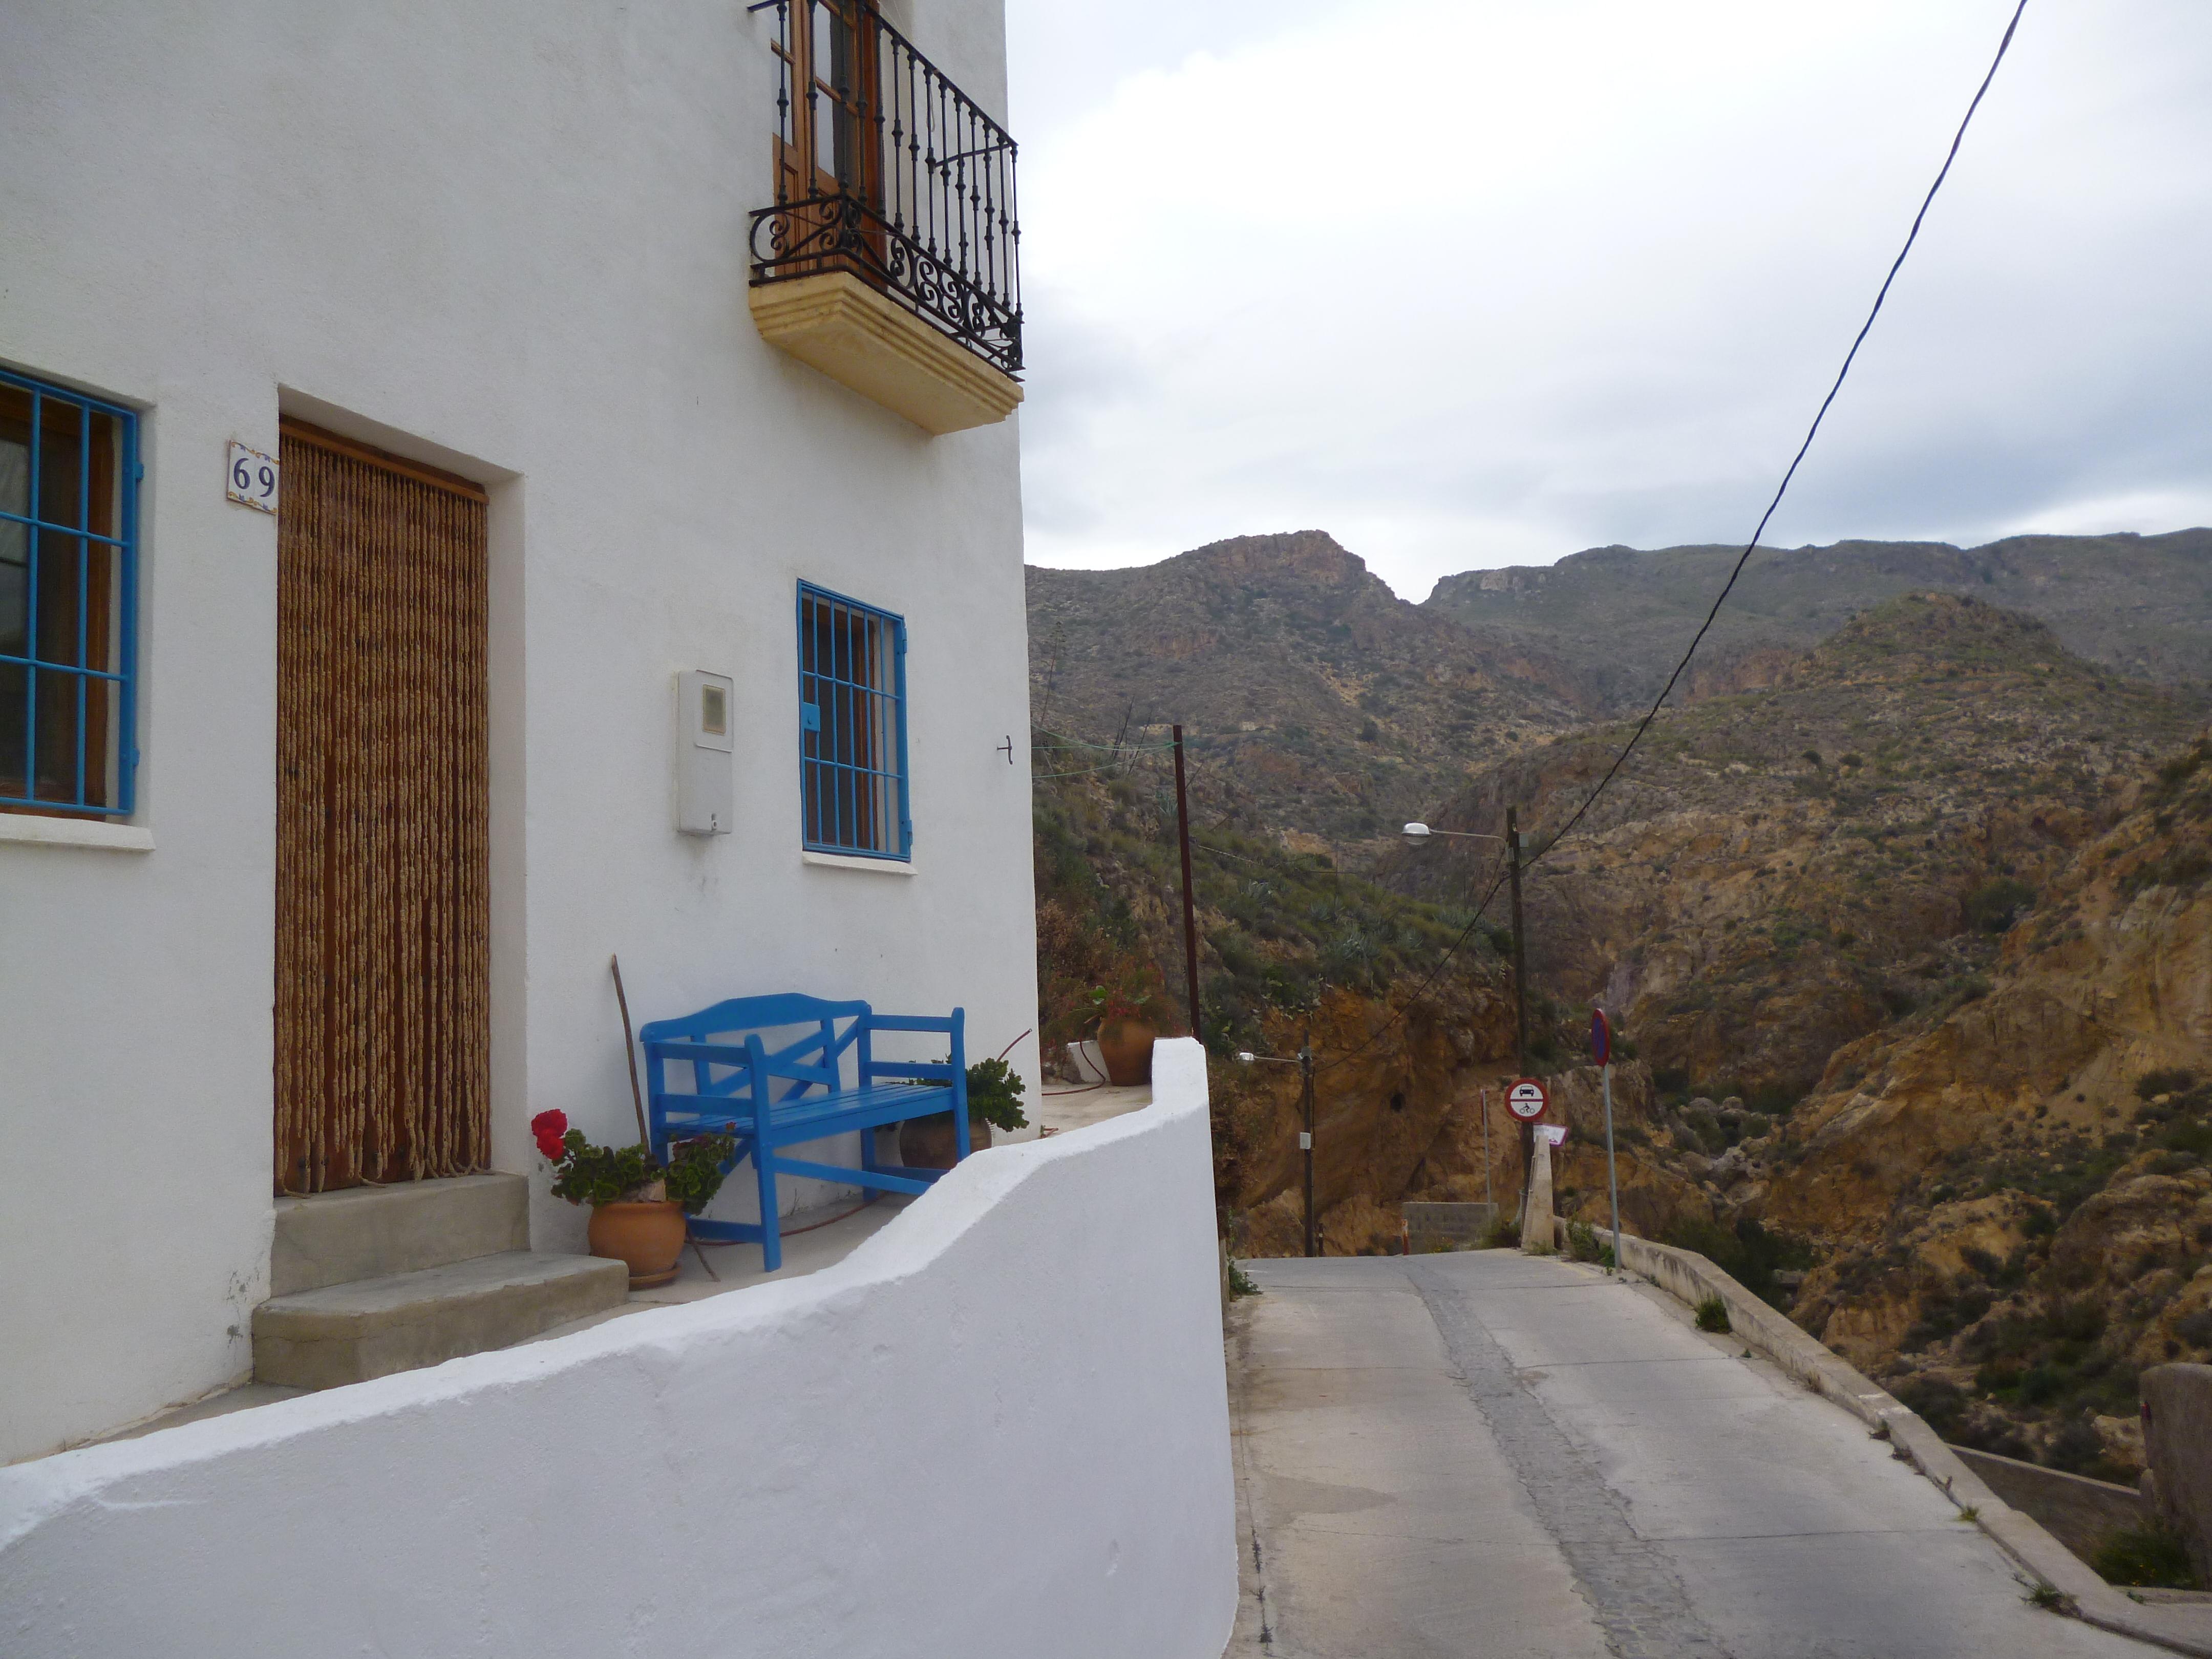 la rue San Anton s'ouvre sur le canyon